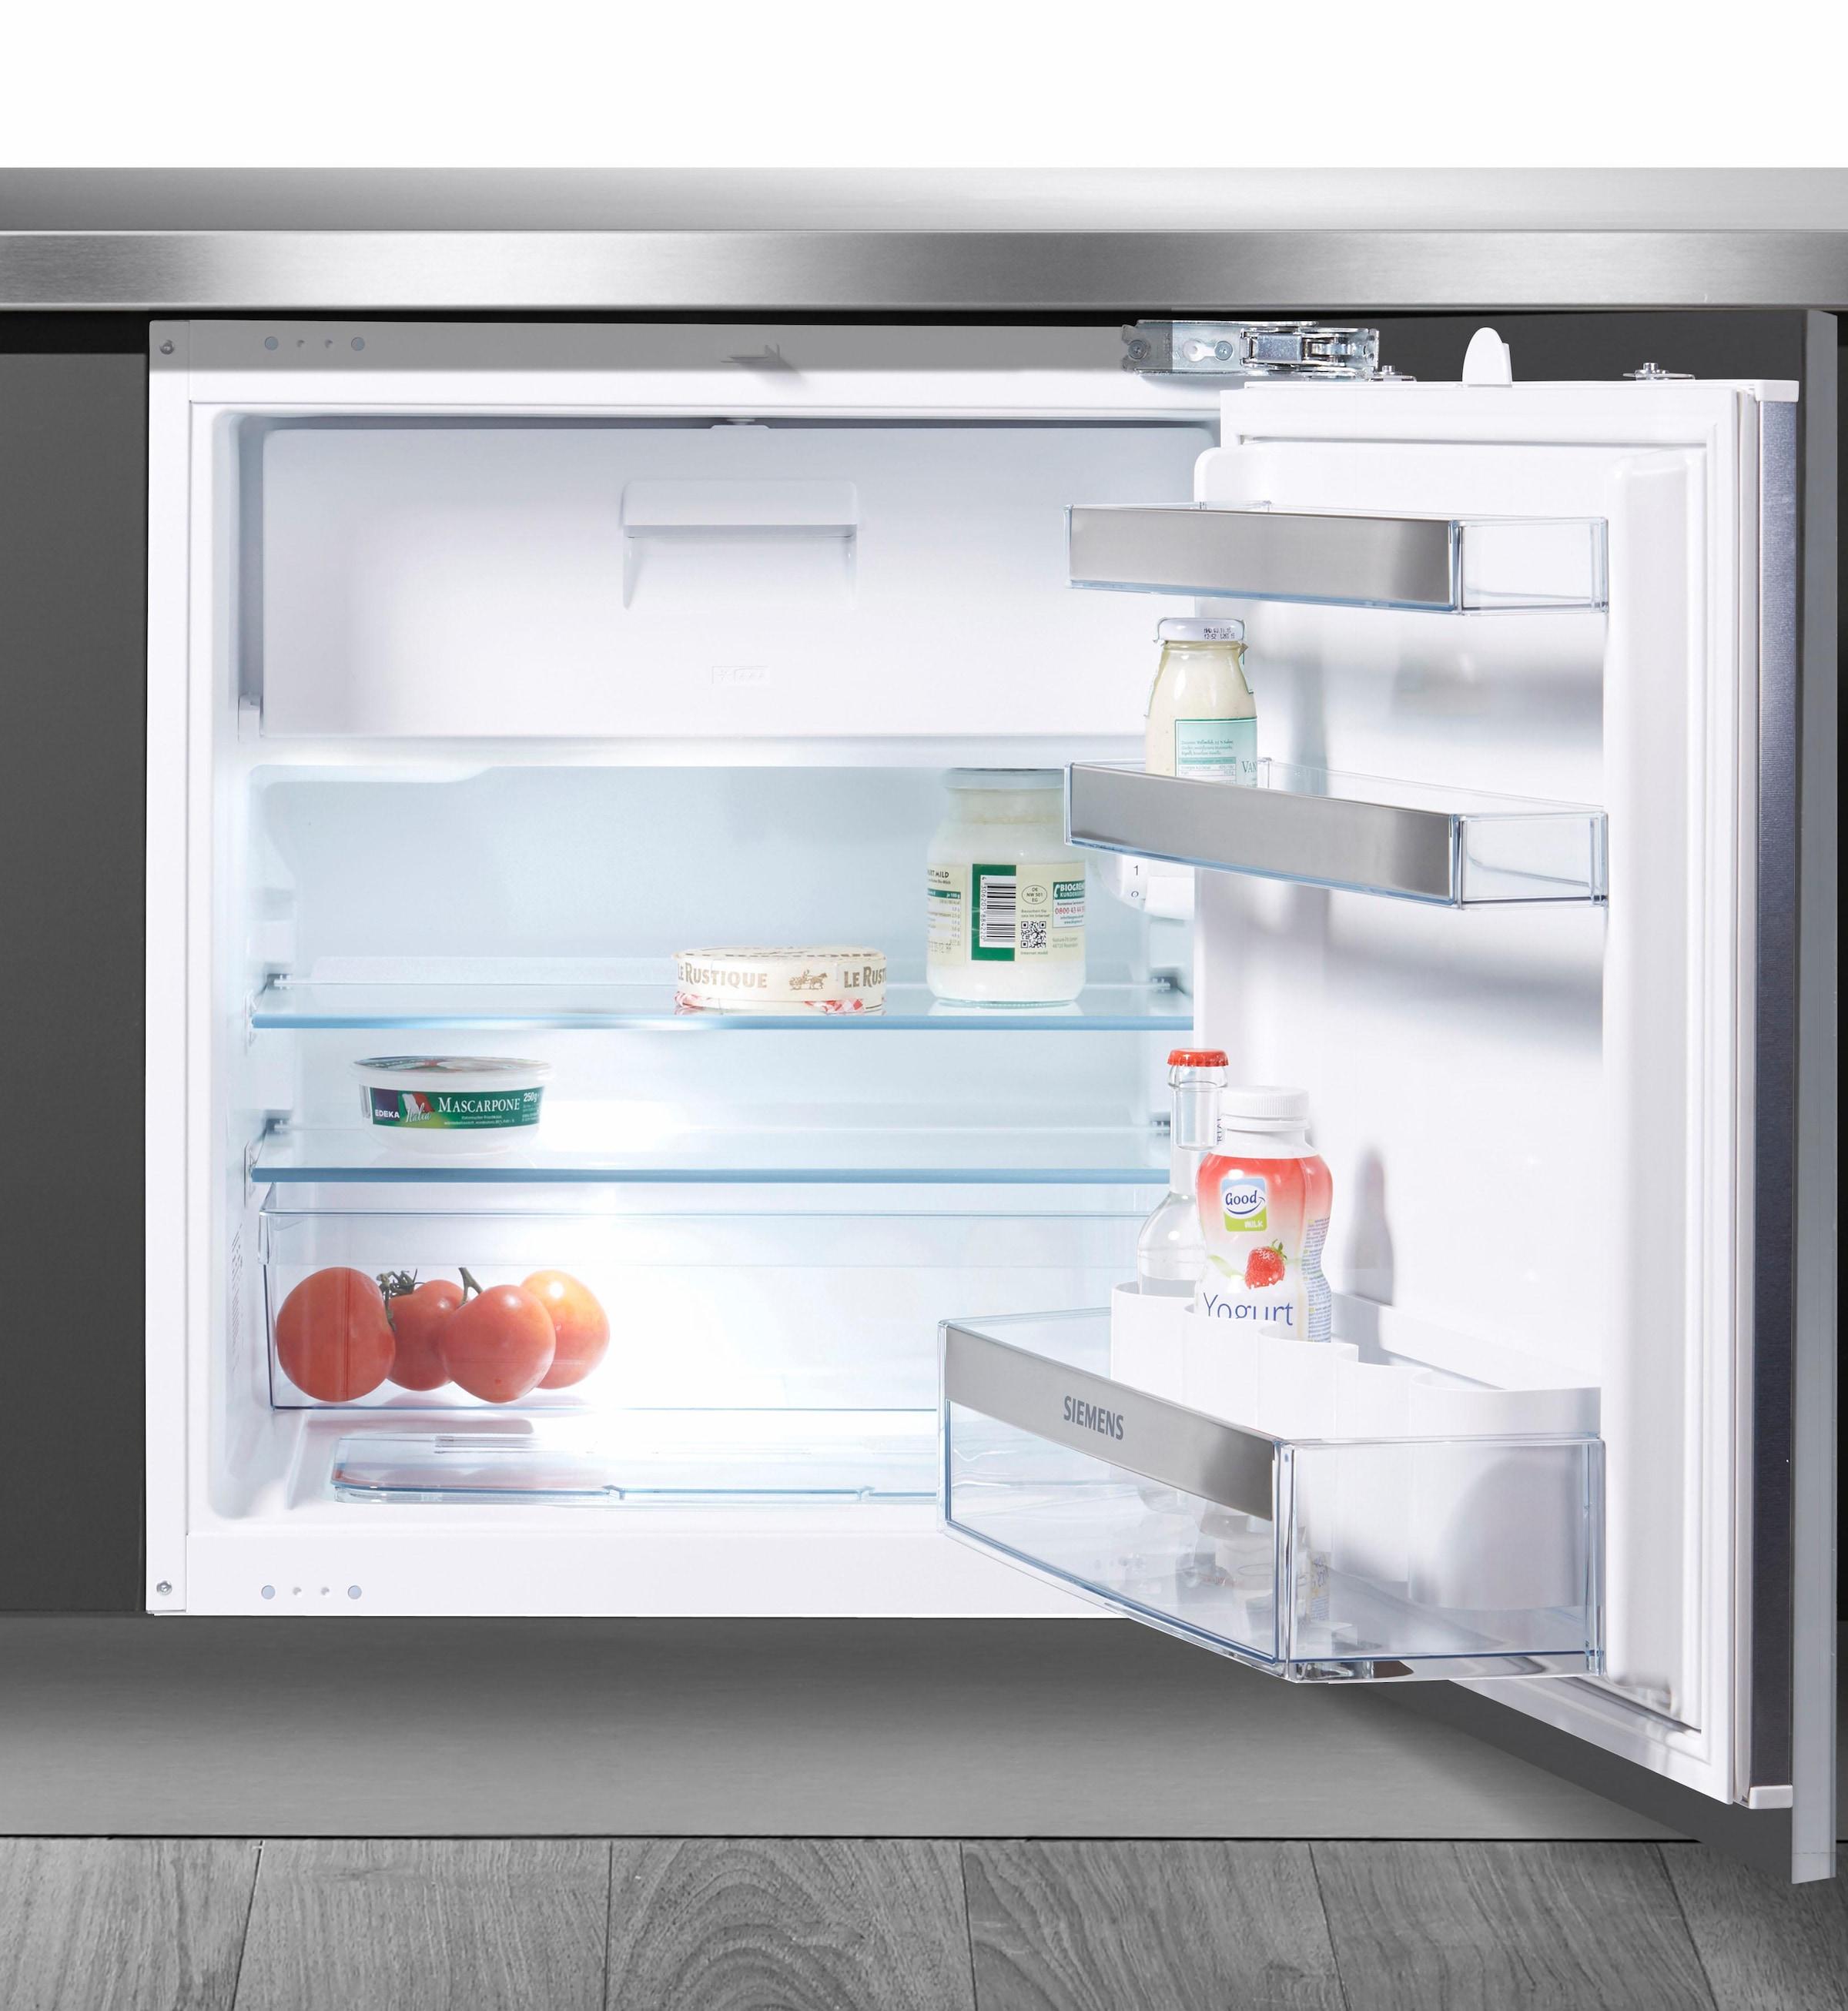 Siemens Kühlschrank Unterbau : Siemens kühlschrank onlineshop siemens kühlschrank kaufen baur